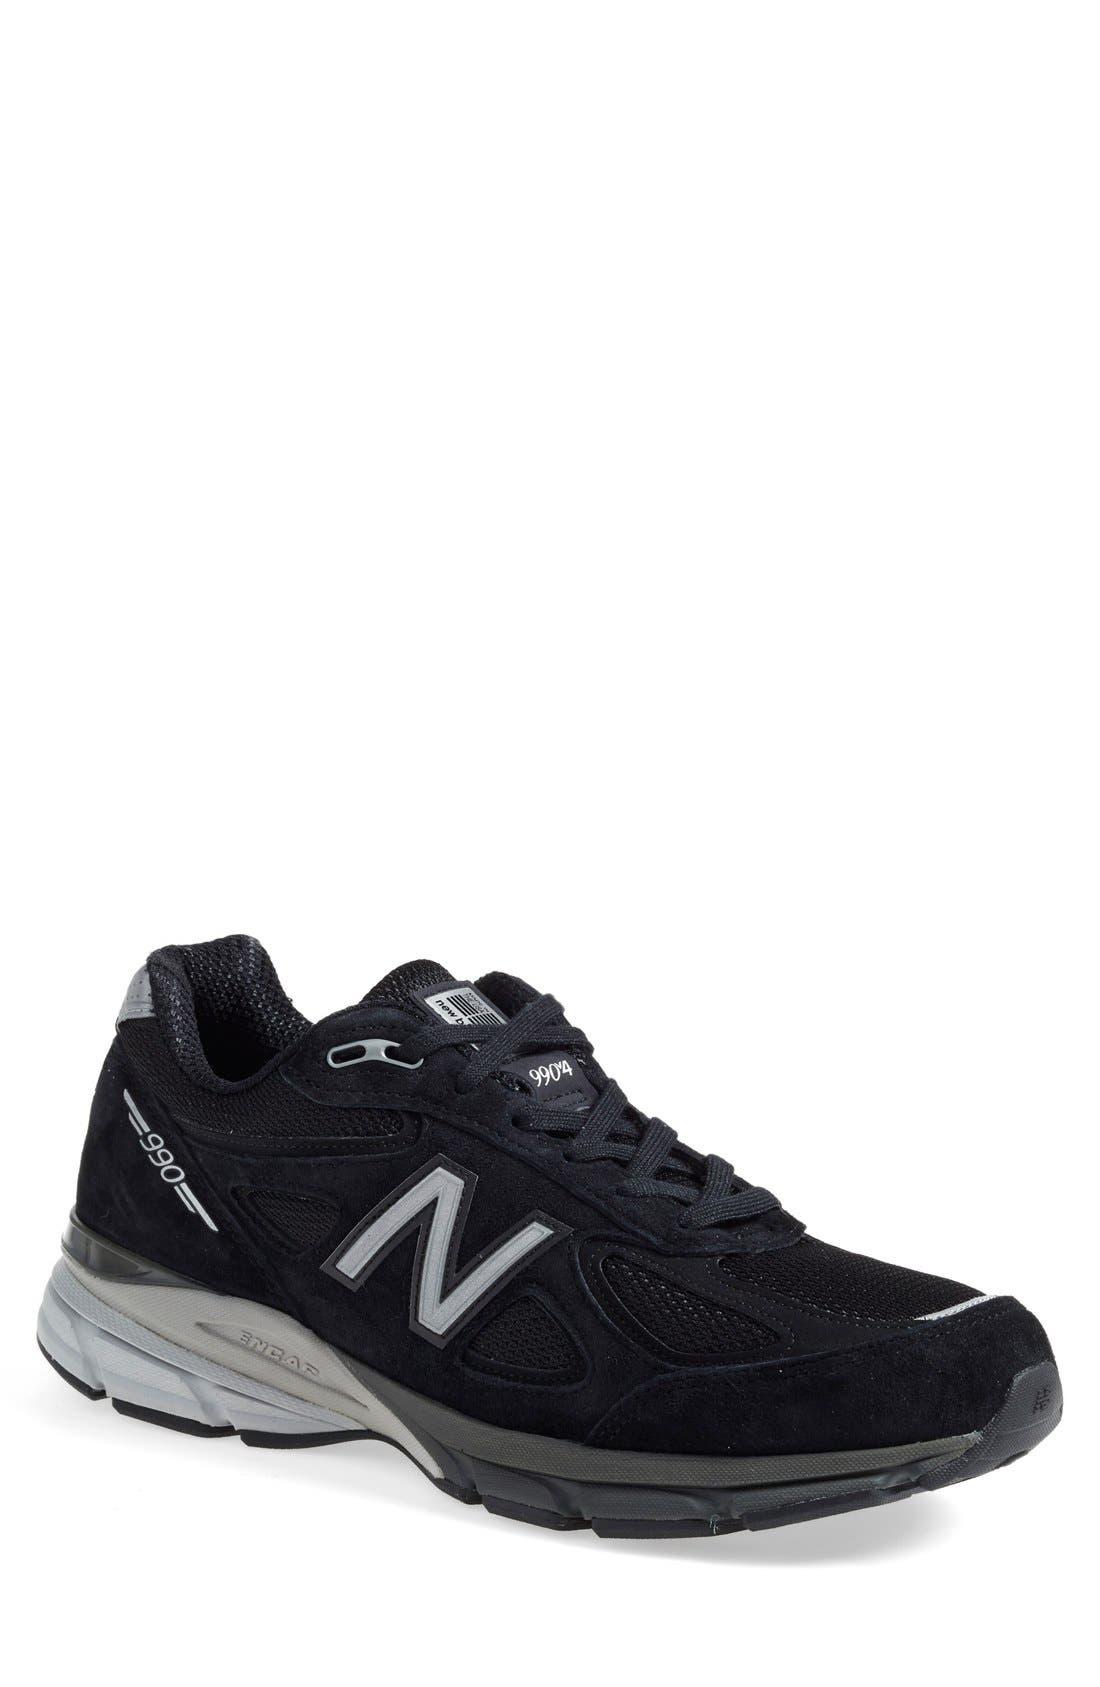 Main Image - New Balance '990' Running Shoe (Men)